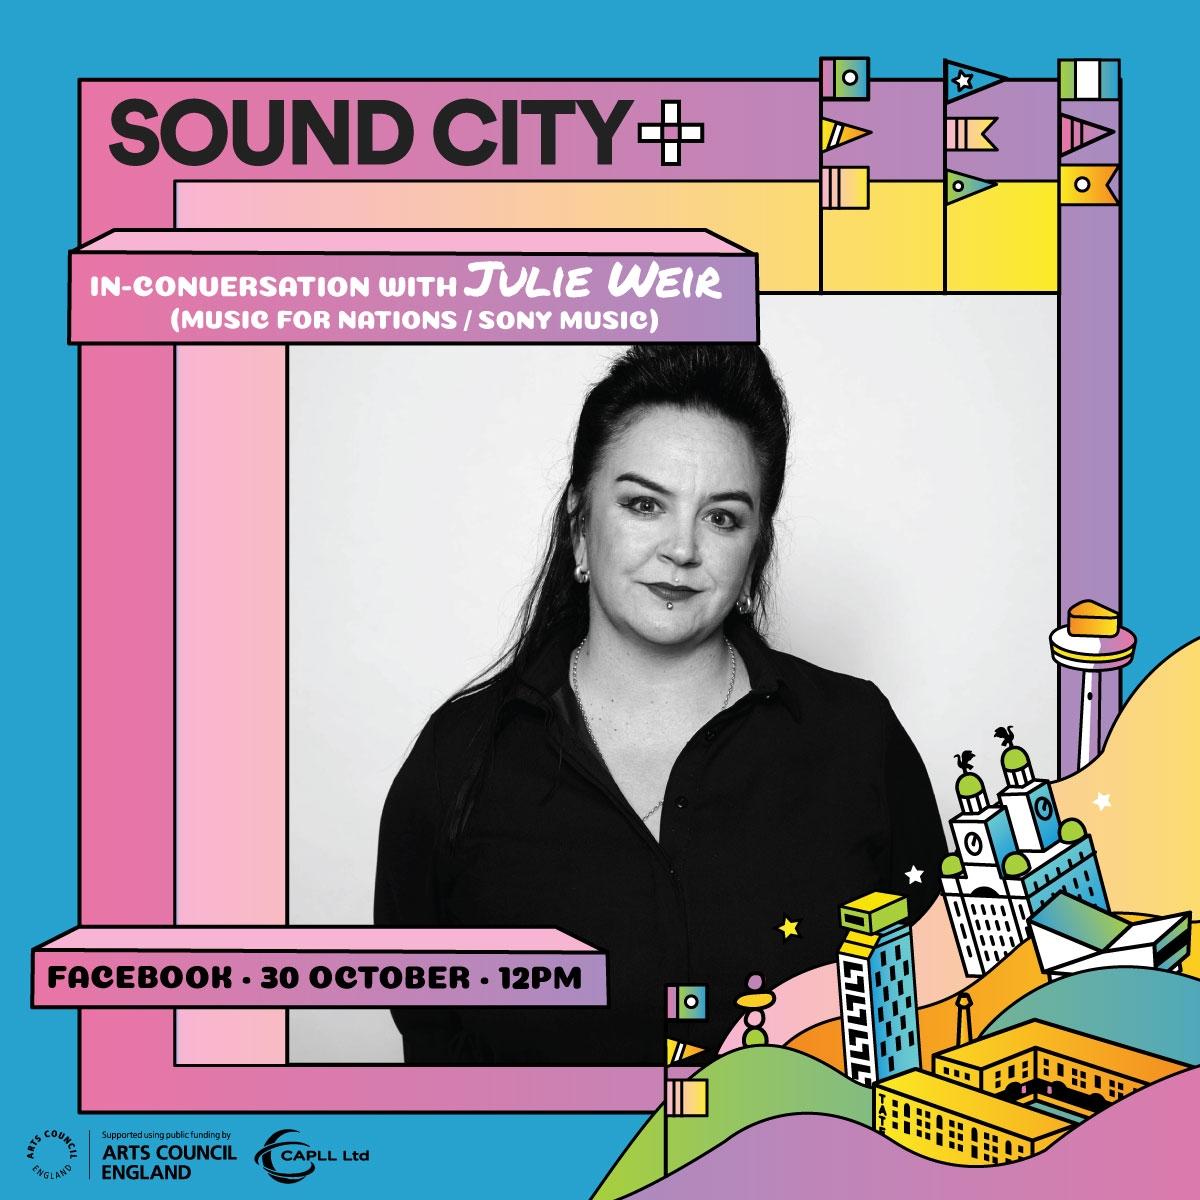 Julie Weir LIVE on Sound City+